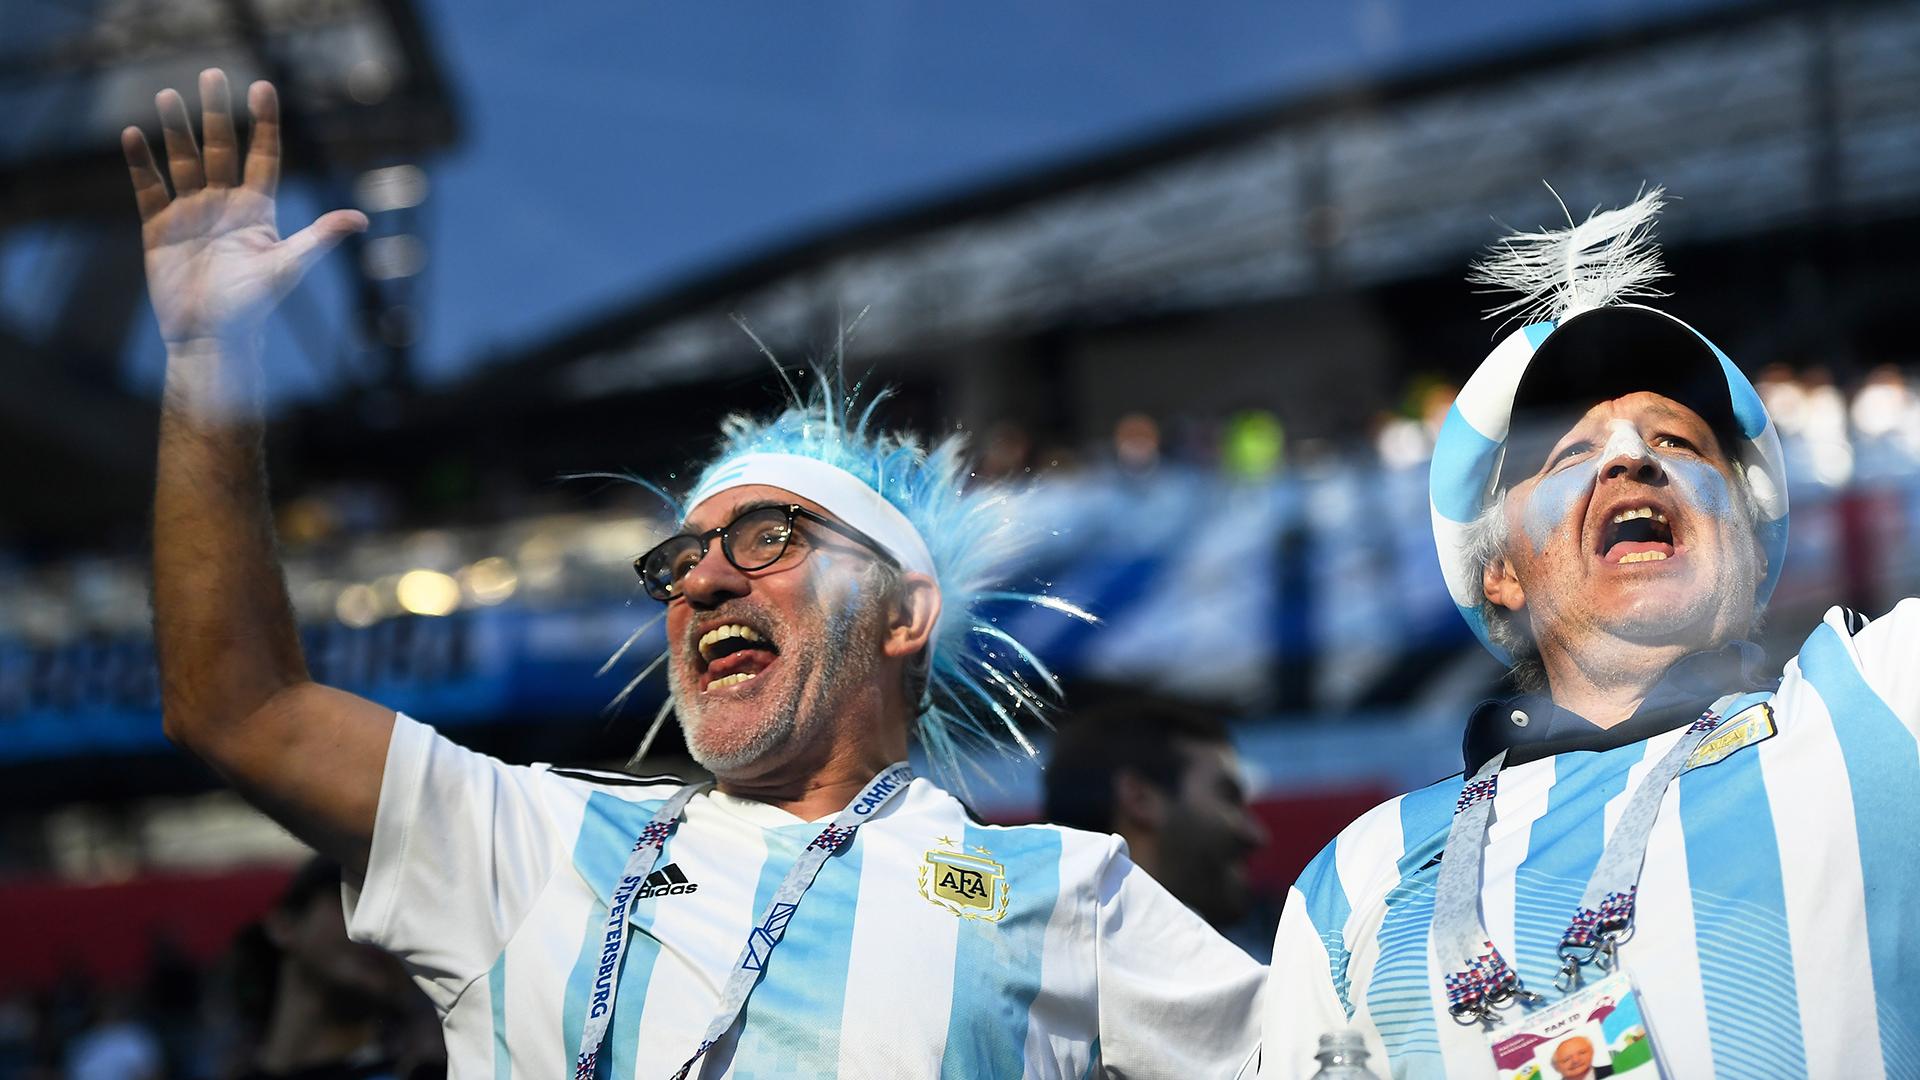 El cotillón y las camisetas celestes y blancas adornan las tribunas del estadio Krestovski de San Petersburgo